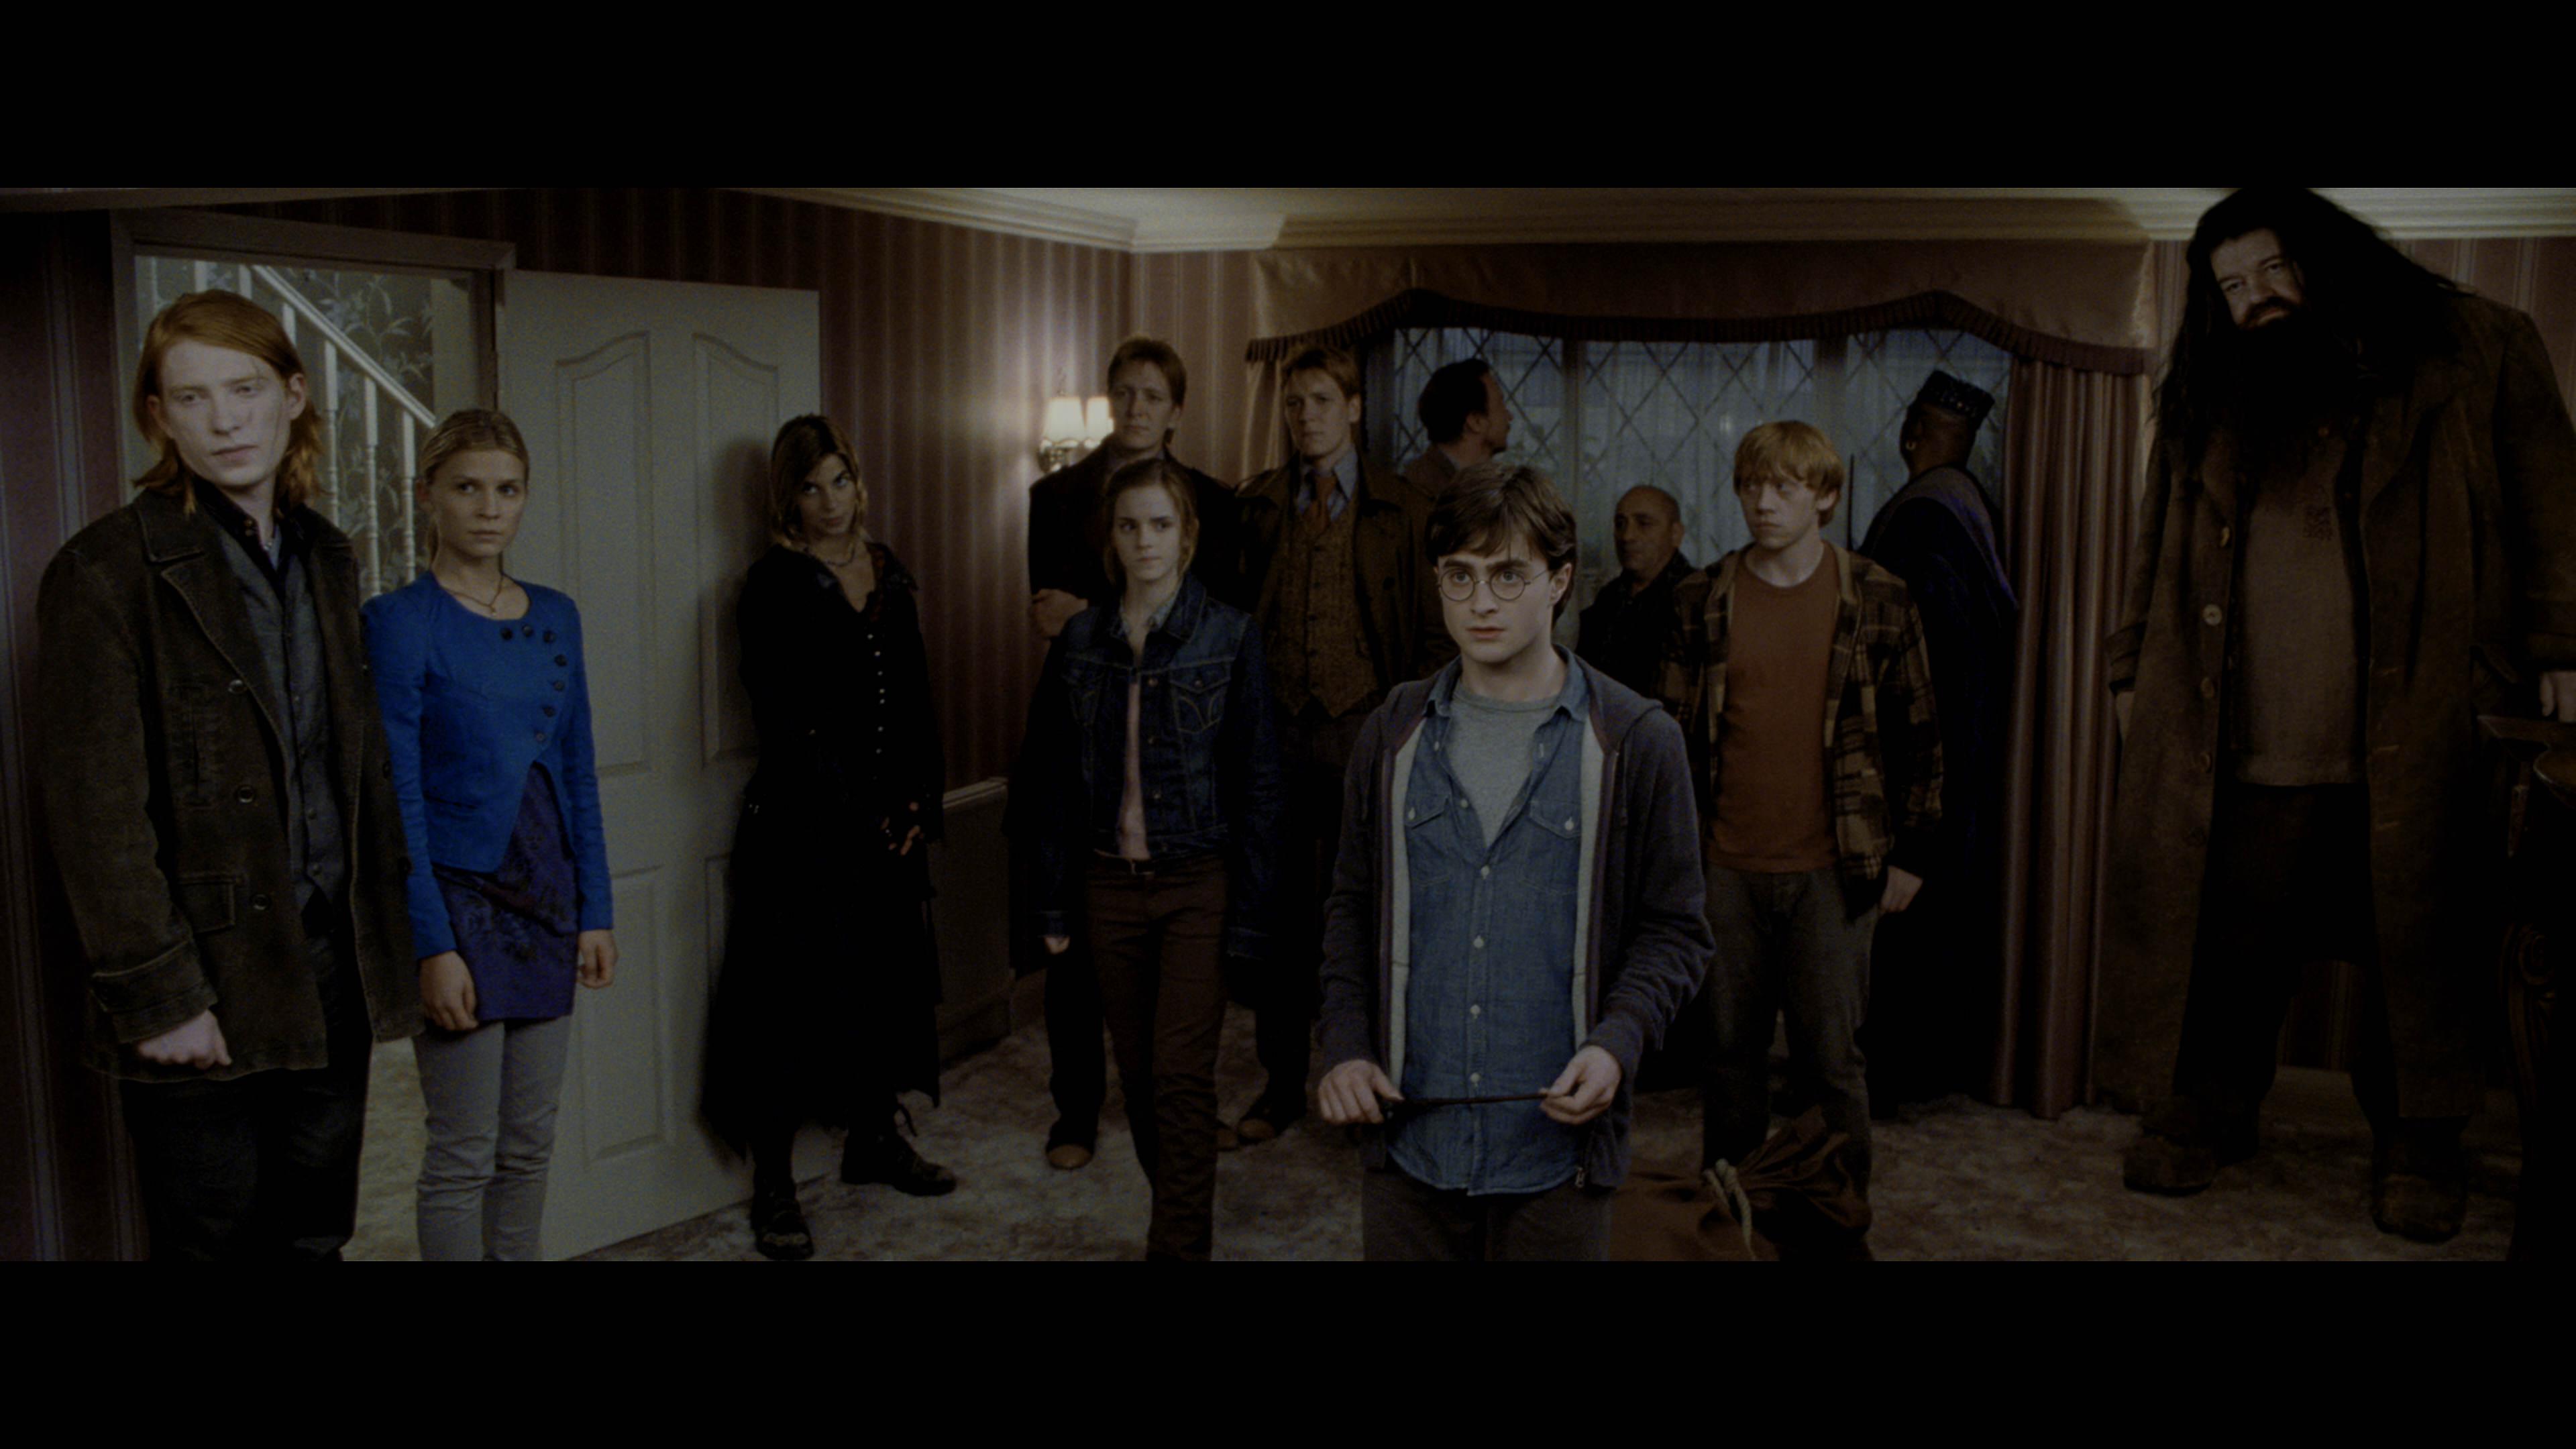 Гарри Поттер и Дары смерти: Часть 1 / Harry Potter and the Deathly Hallows: Part 1 (2010/BDRemux) 2160p, 4K